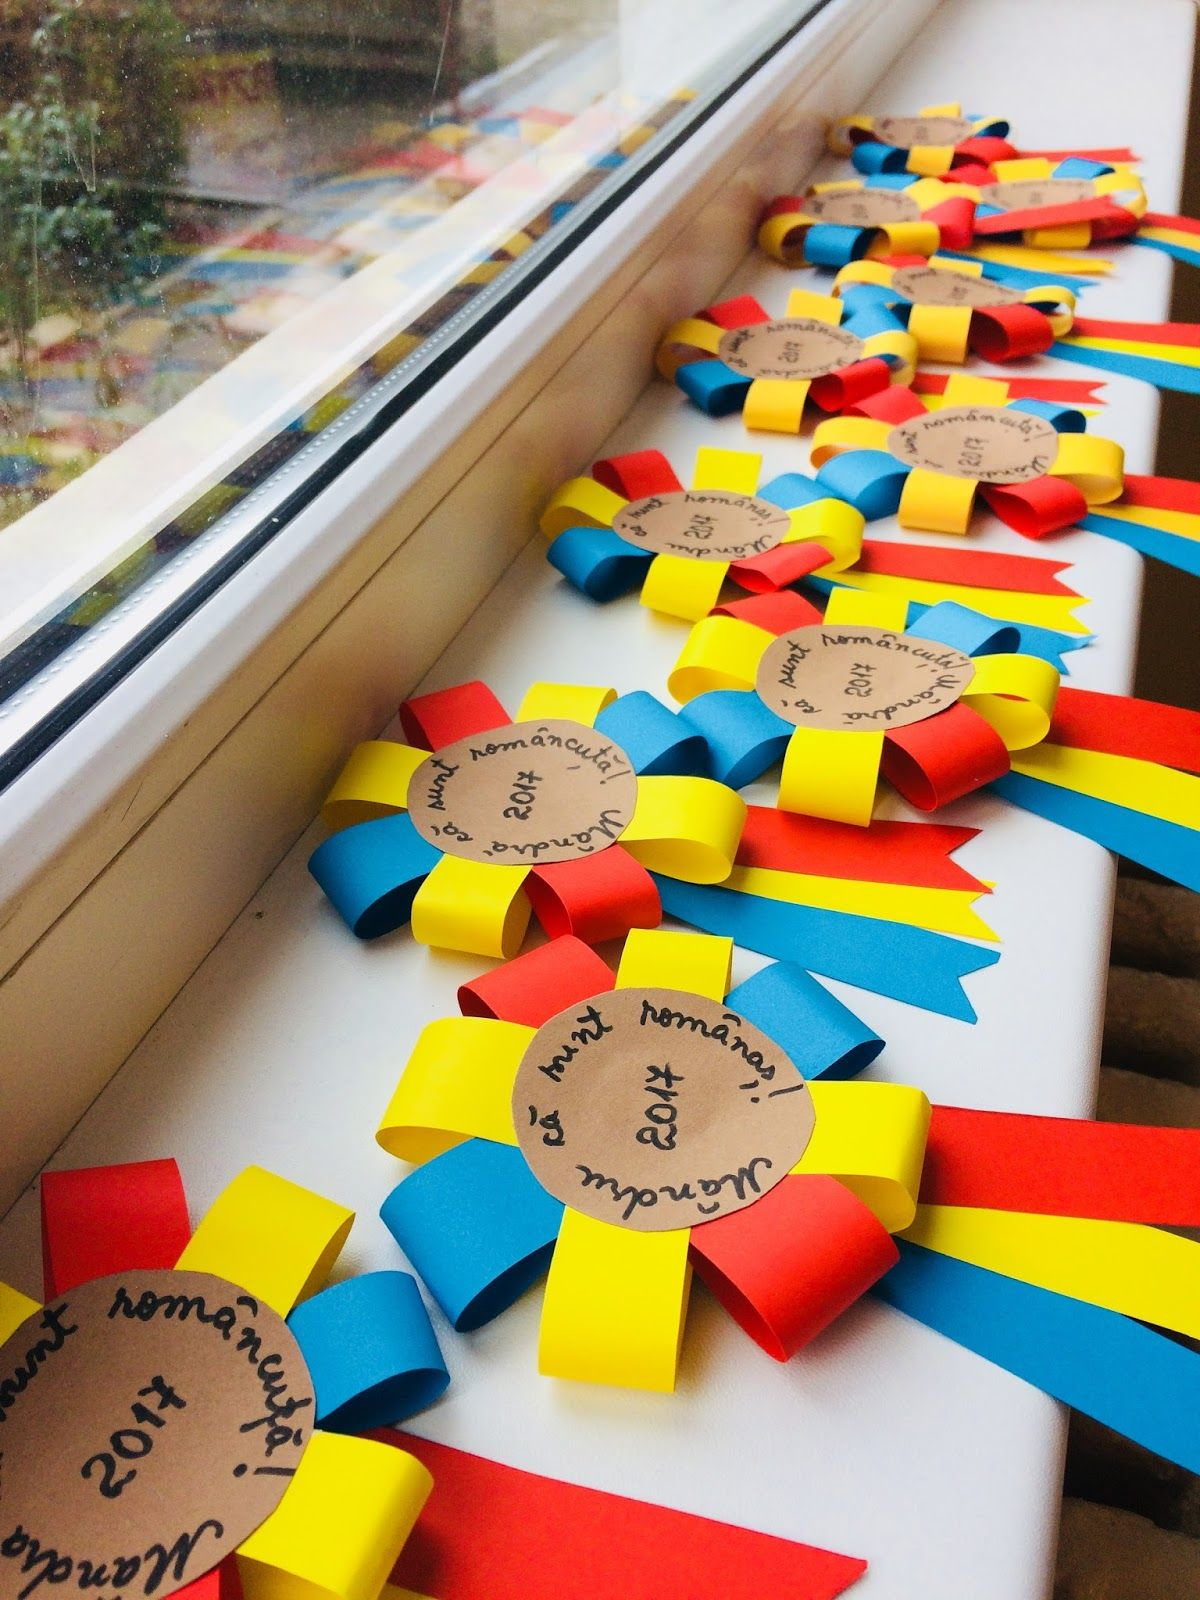 Mândru că sunt românaș! Mândră că sunt româncuță! is part of School crafts -